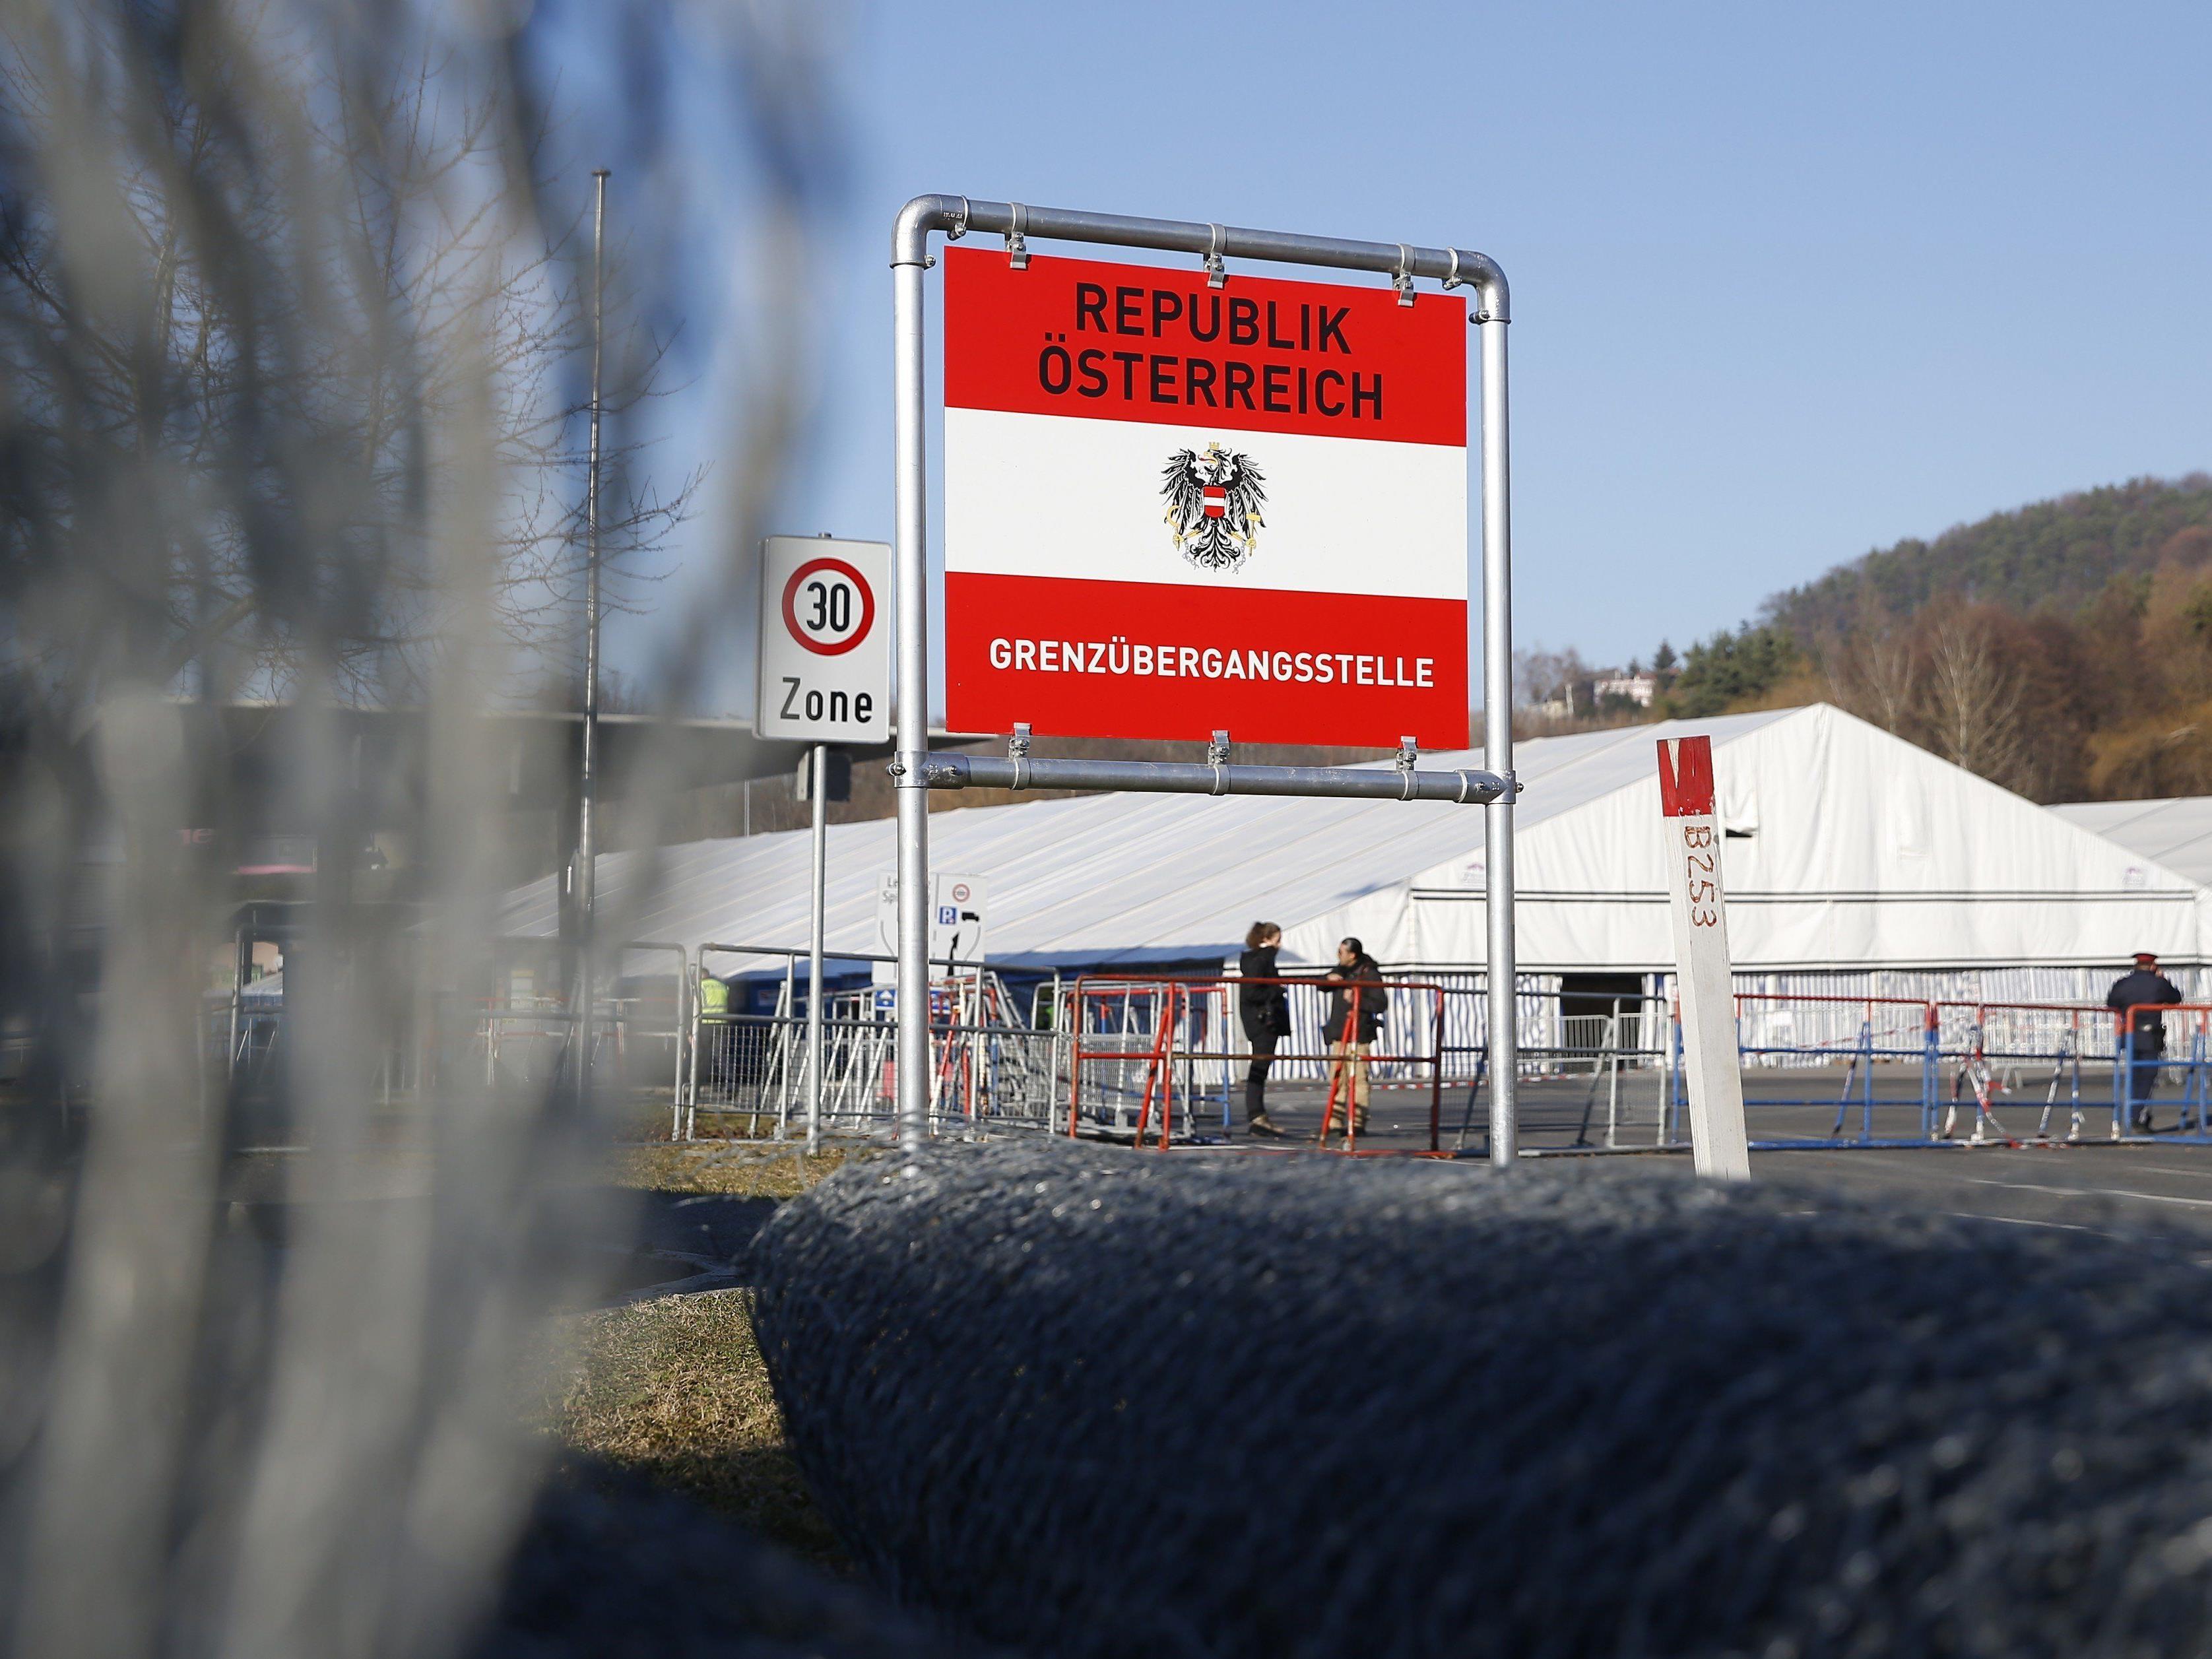 Im Jahr 2015 haben bereits über 80.000 Personen einen Asylantrag in Österreich gestellt.